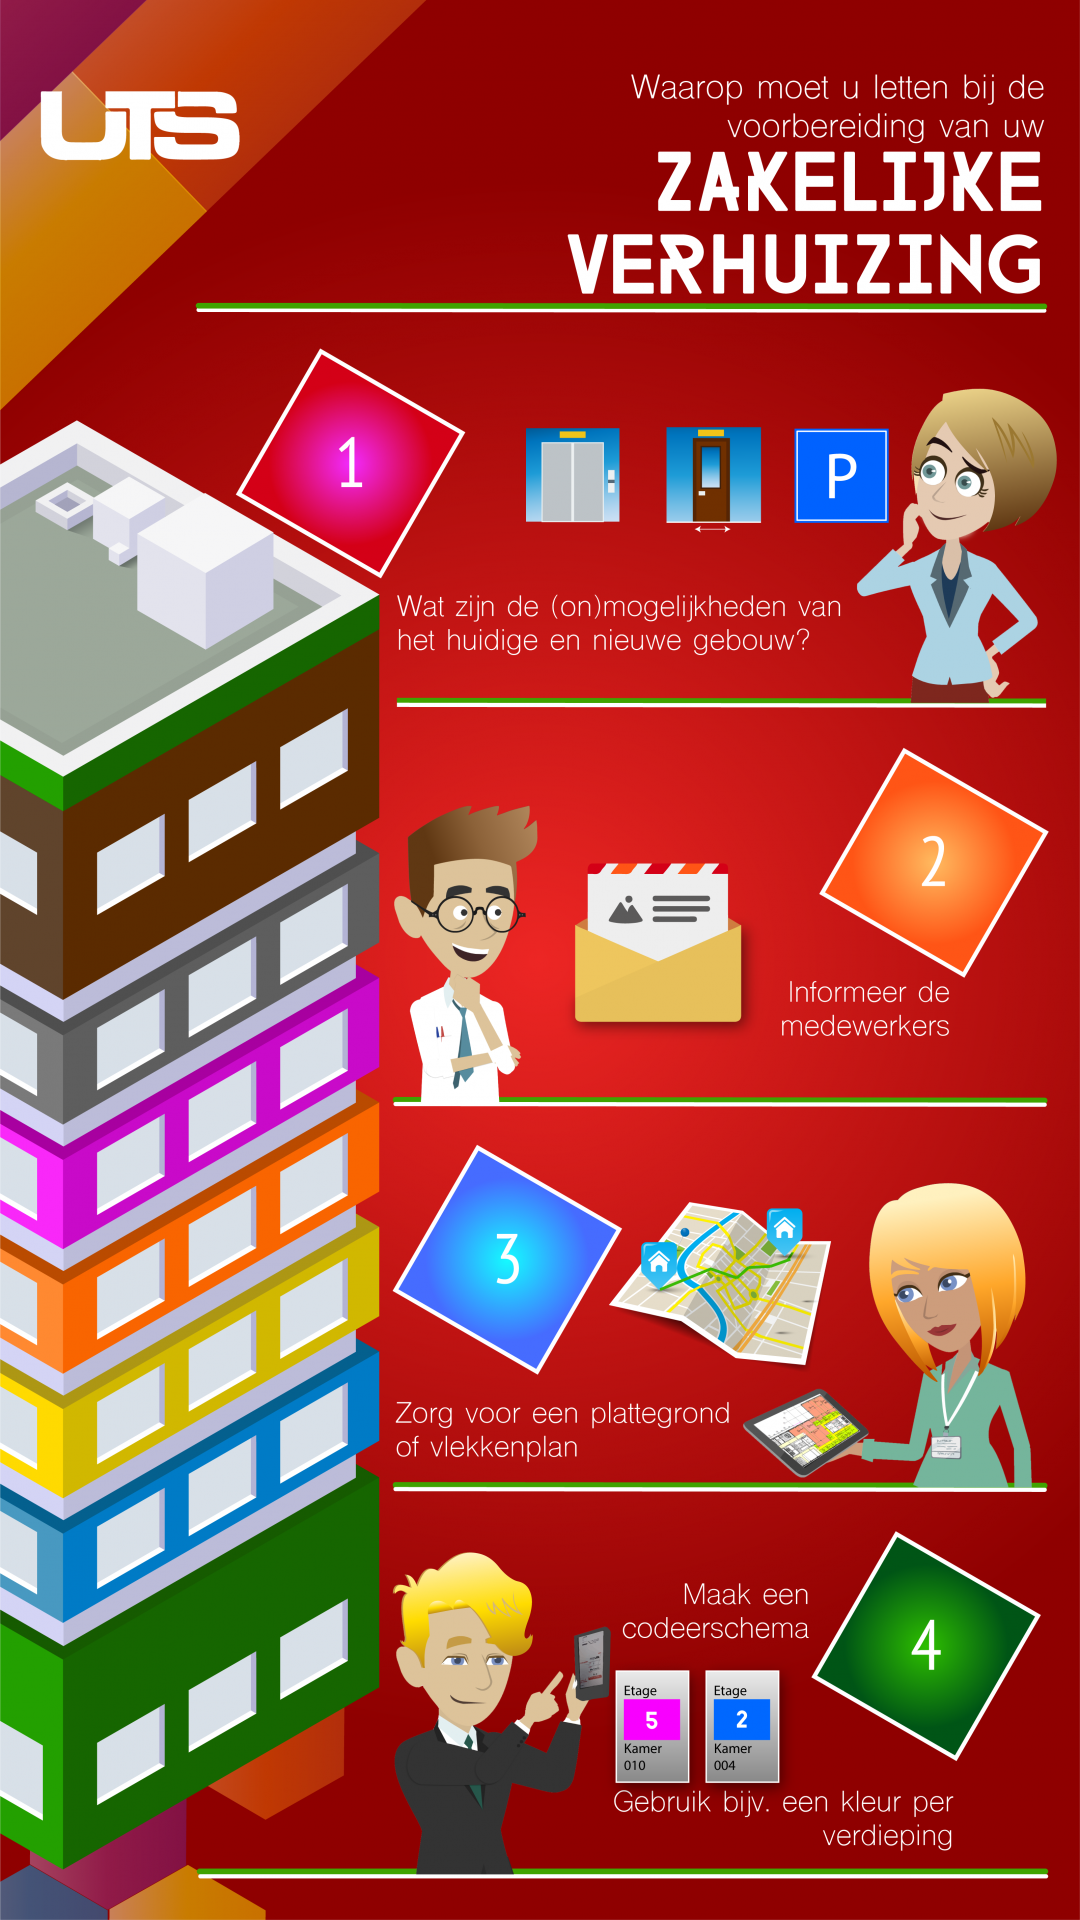 bedrijfsverhuizing checklist draaiboek infographic zakelijke verhuizing uts van hoek verhuisbedrijf groningen